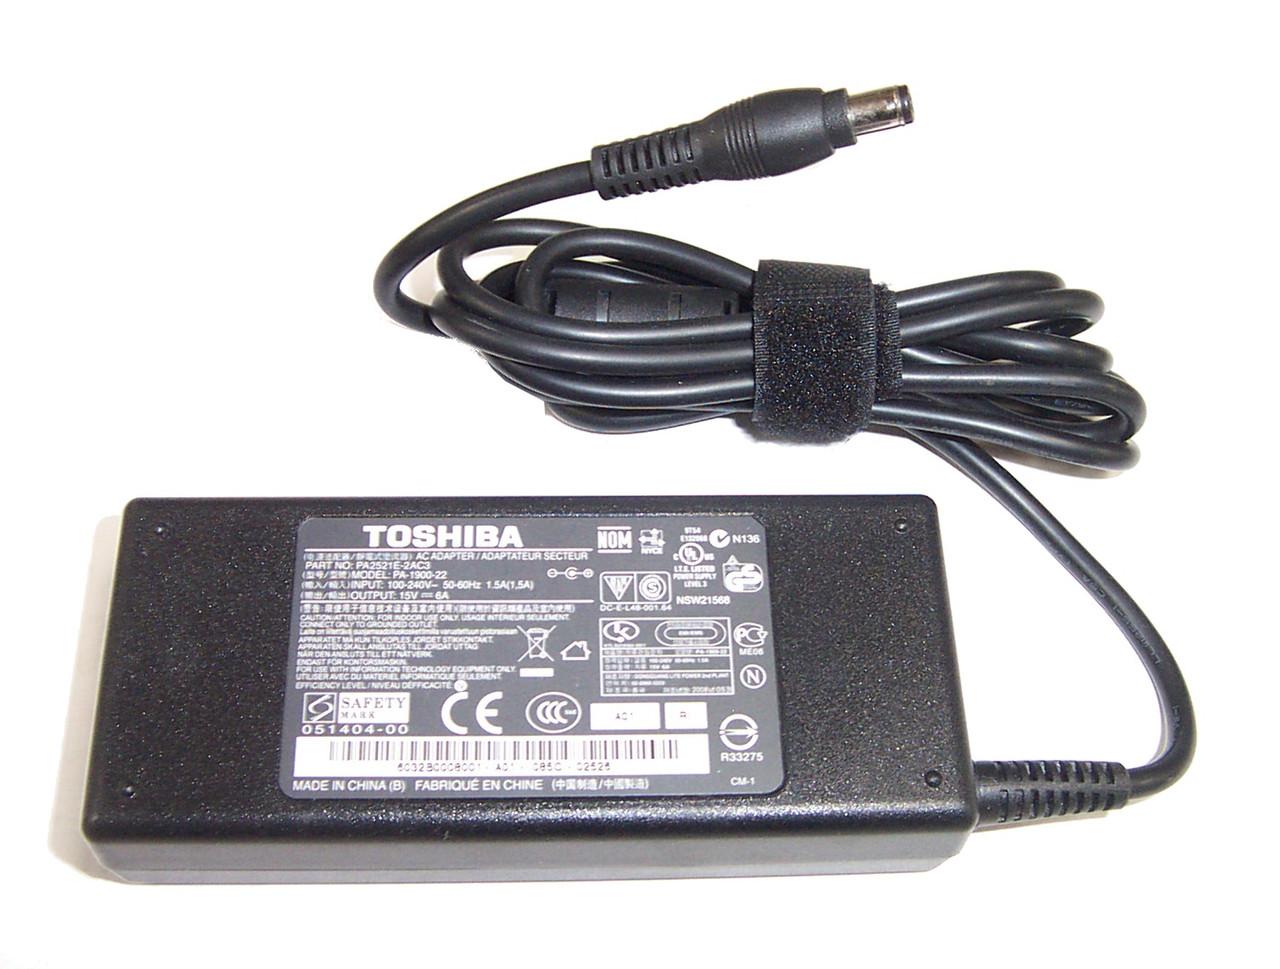 Блок питания для ноутбука TOSHIBA 15Вольт 6A 90Вт 6.3*3.0мм